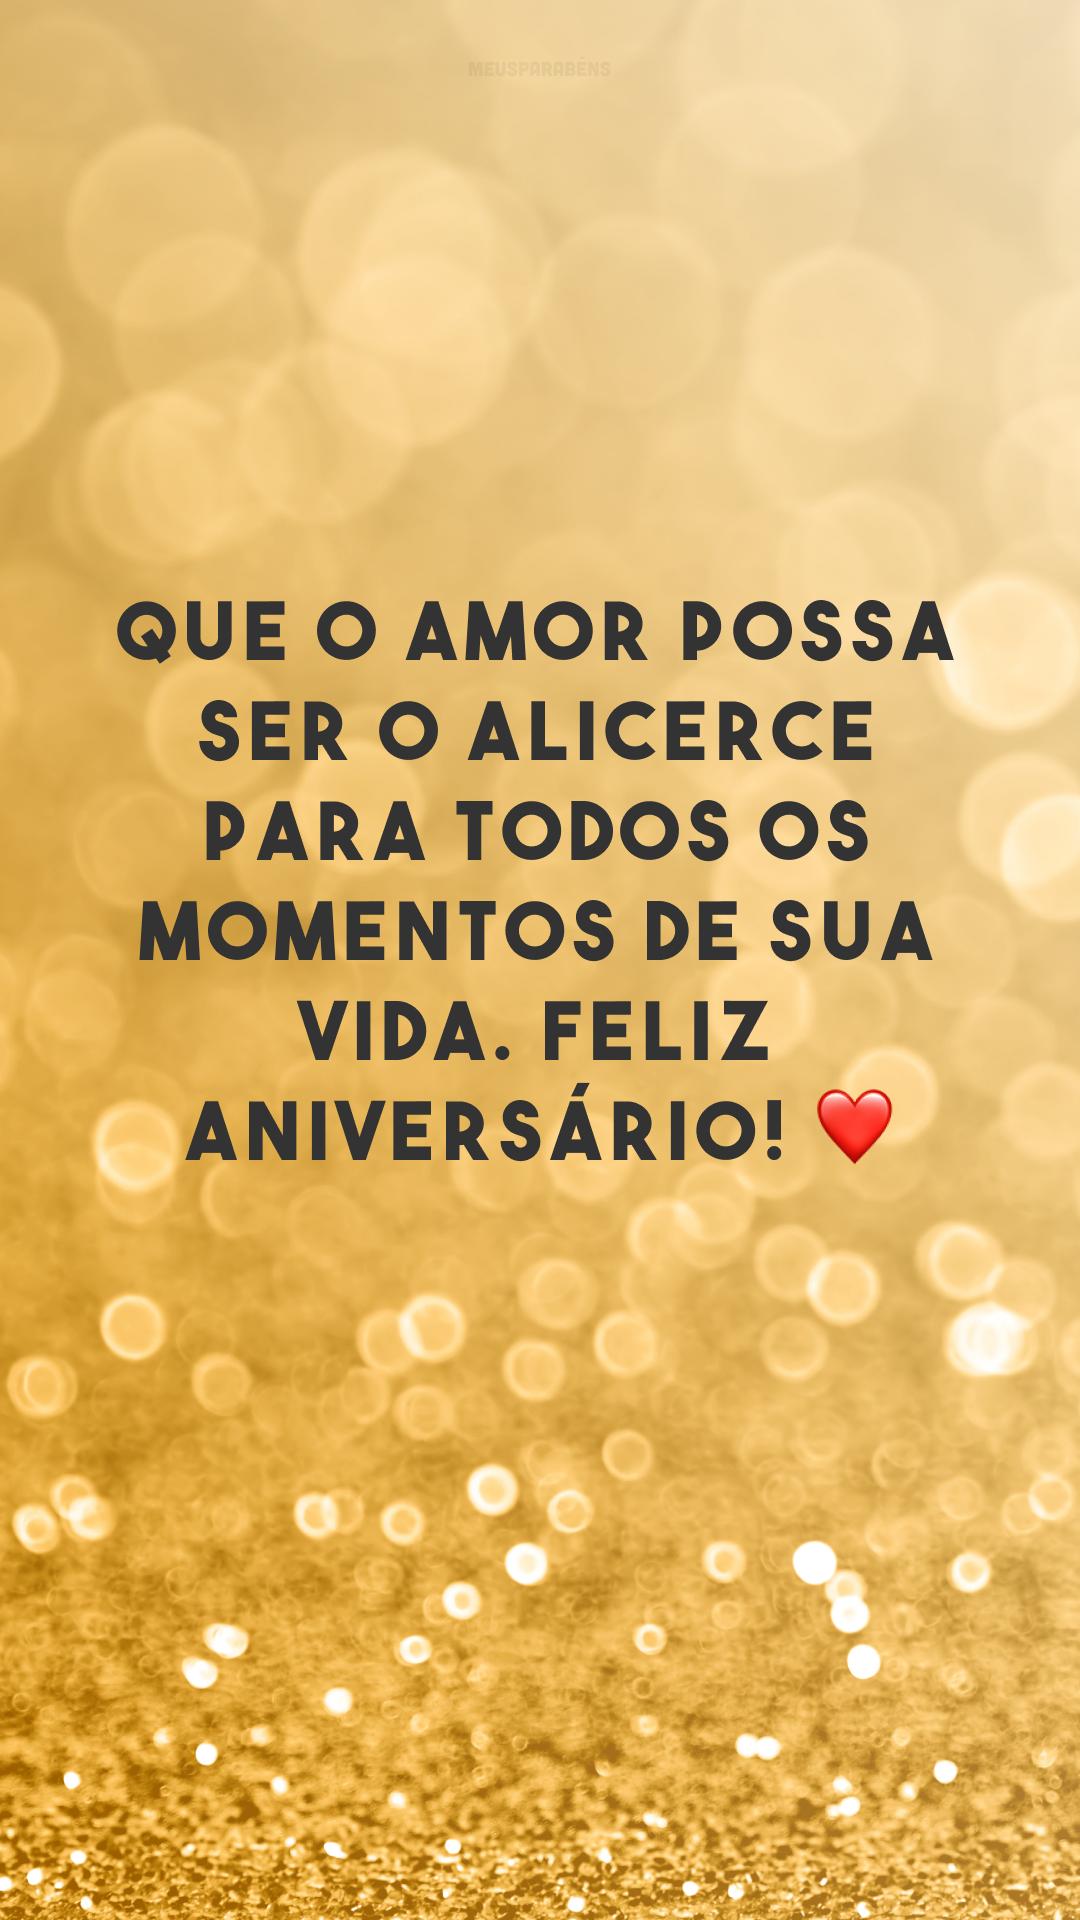 Que o amor possa ser o alicerce para todos os momentos de sua vida. Feliz aniversário! ❤